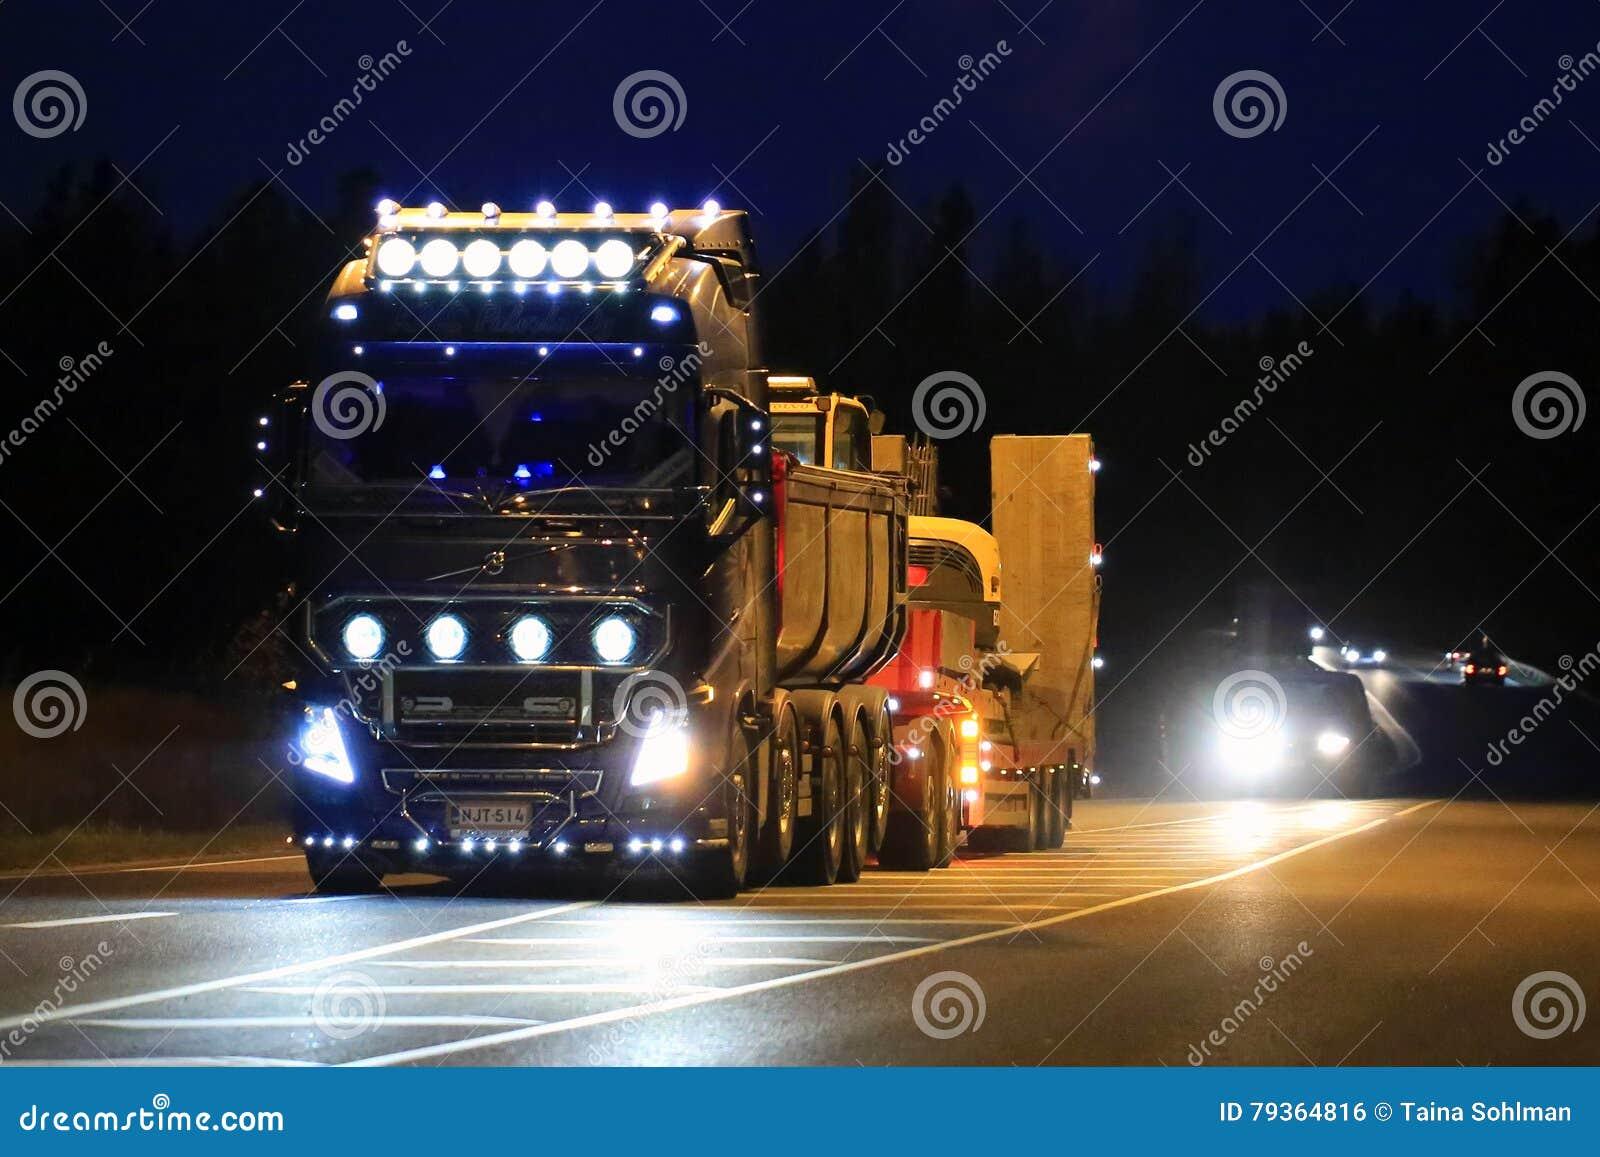 clairage de camion d 39 exposition de volvo fh16 bel la nuit photo ditorial image du automobile. Black Bedroom Furniture Sets. Home Design Ideas